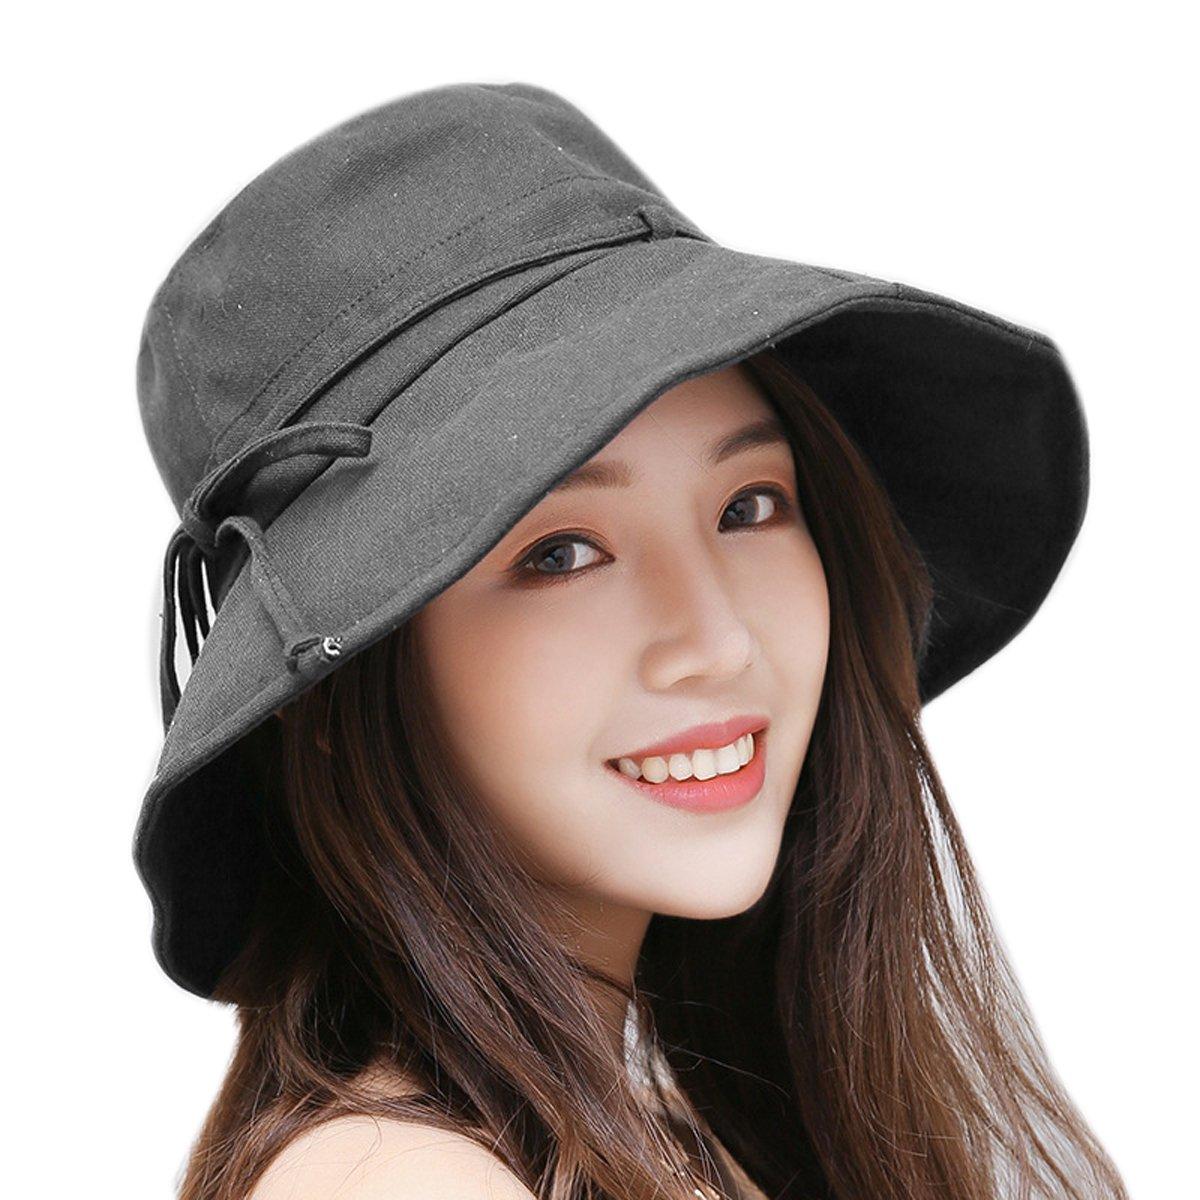 HAPEE Cappello da Sole Donne delle Ragazze Spiaggia di Modo Anti-UV Decorazione Arco Tesa Larga Cappello di Paglia del Sole